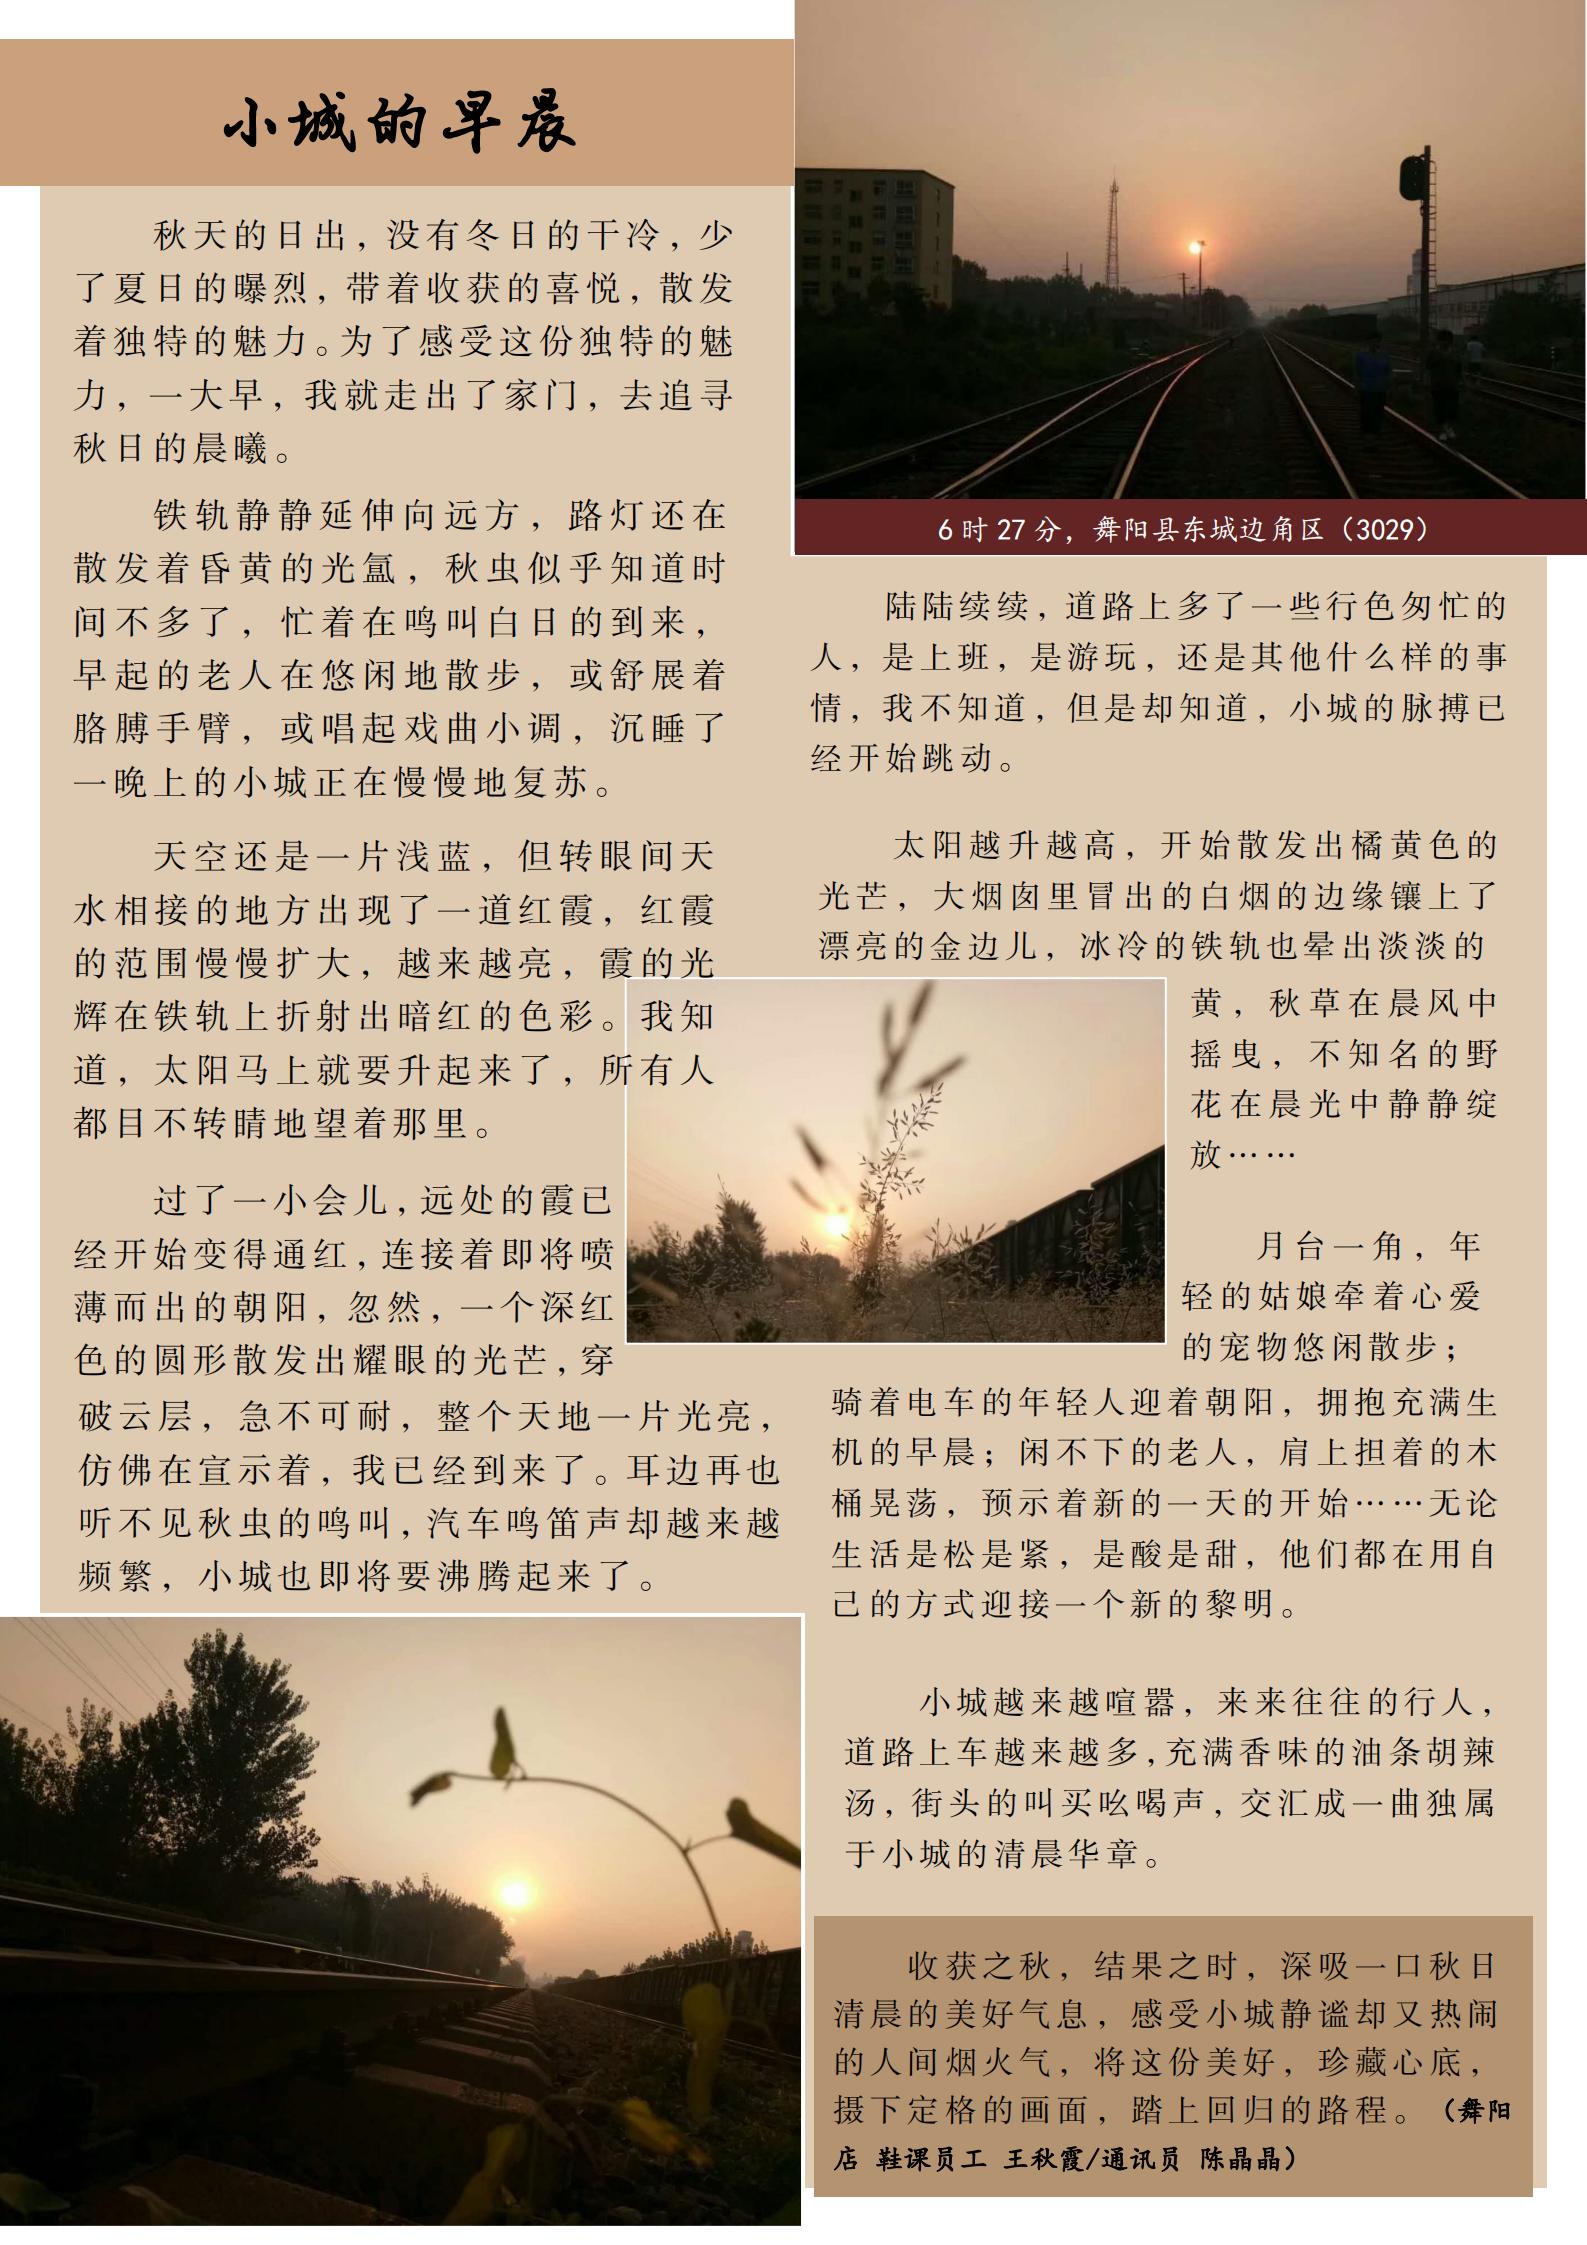 易胜博app苹果下载易胜博app苹果下载第1021期_04.png